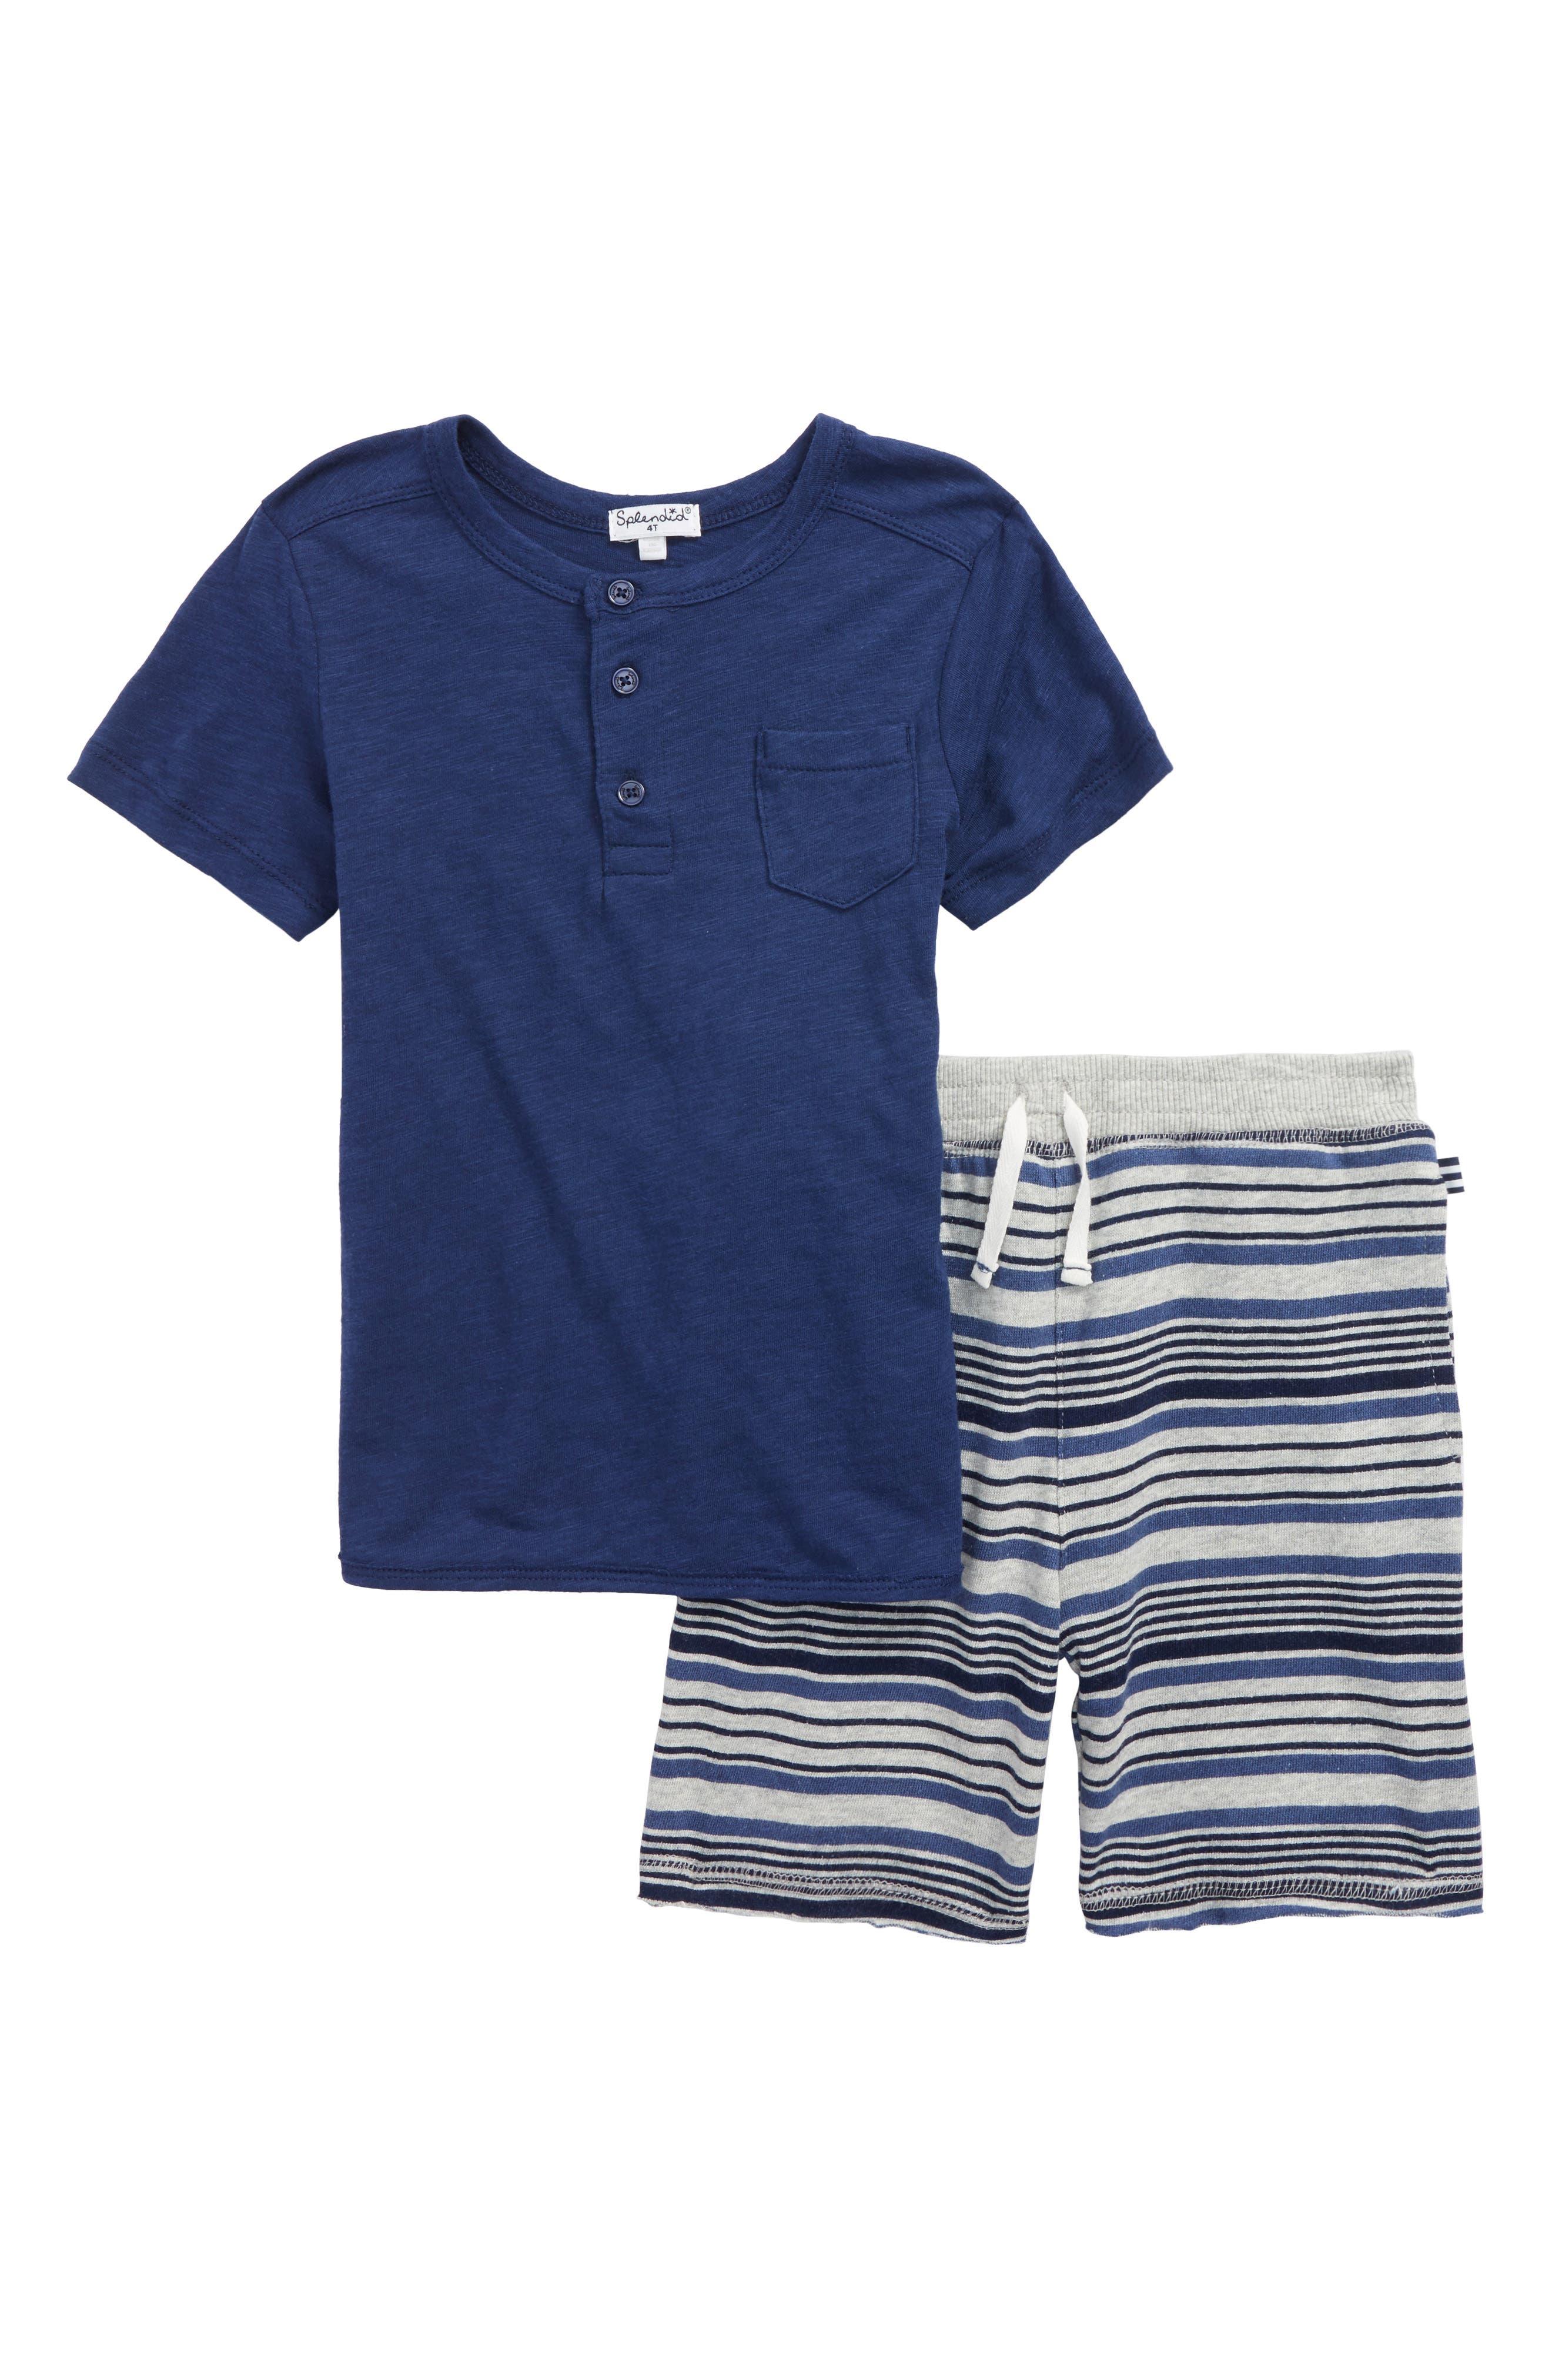 Henley Shirt & Knit Shorts Set,                             Main thumbnail 1, color,                             Indigo Sky